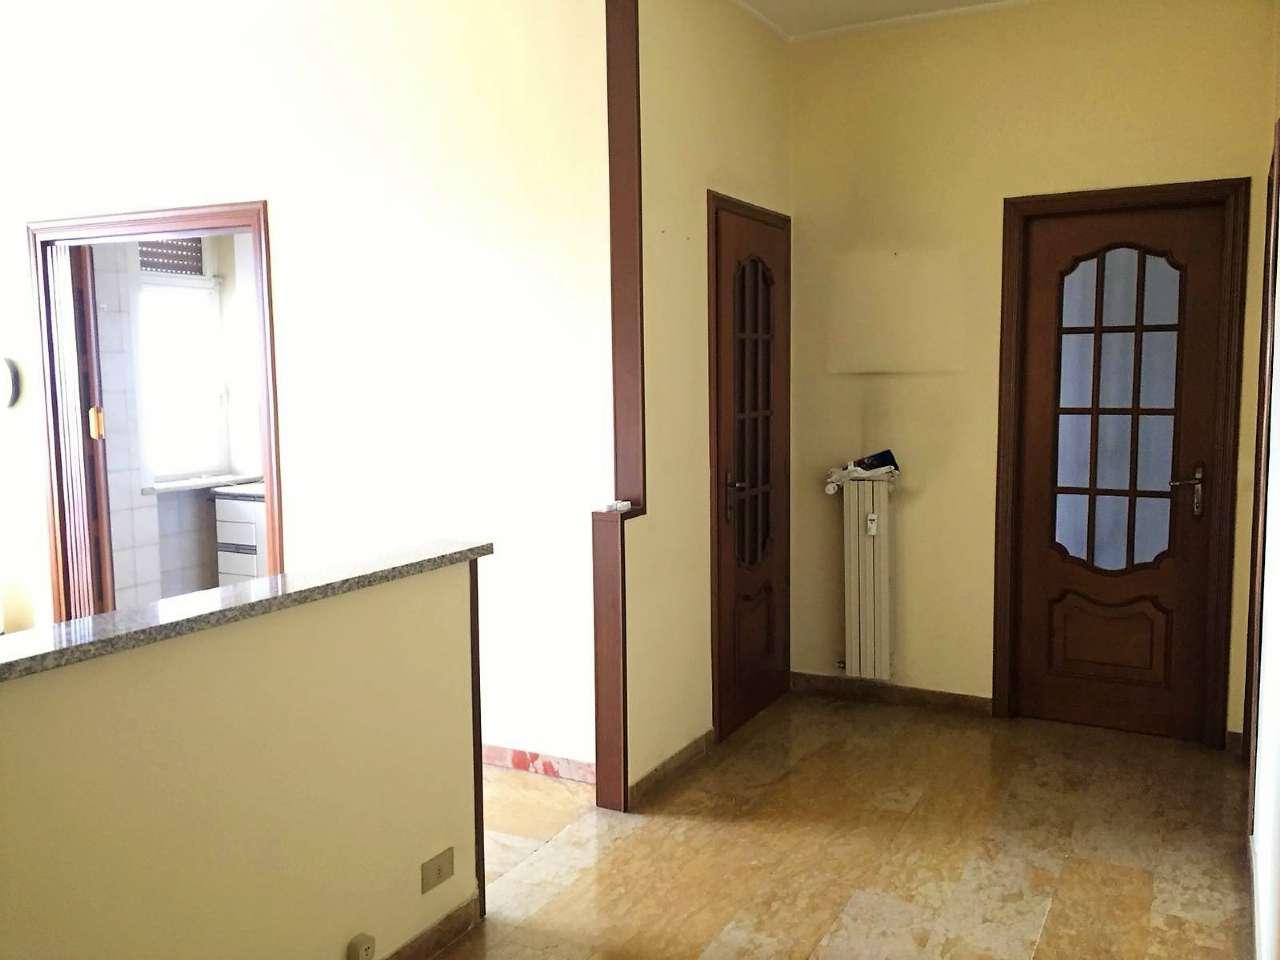 Appartamento in vendita a Vinovo, 3 locali, prezzo € 129.000   CambioCasa.it